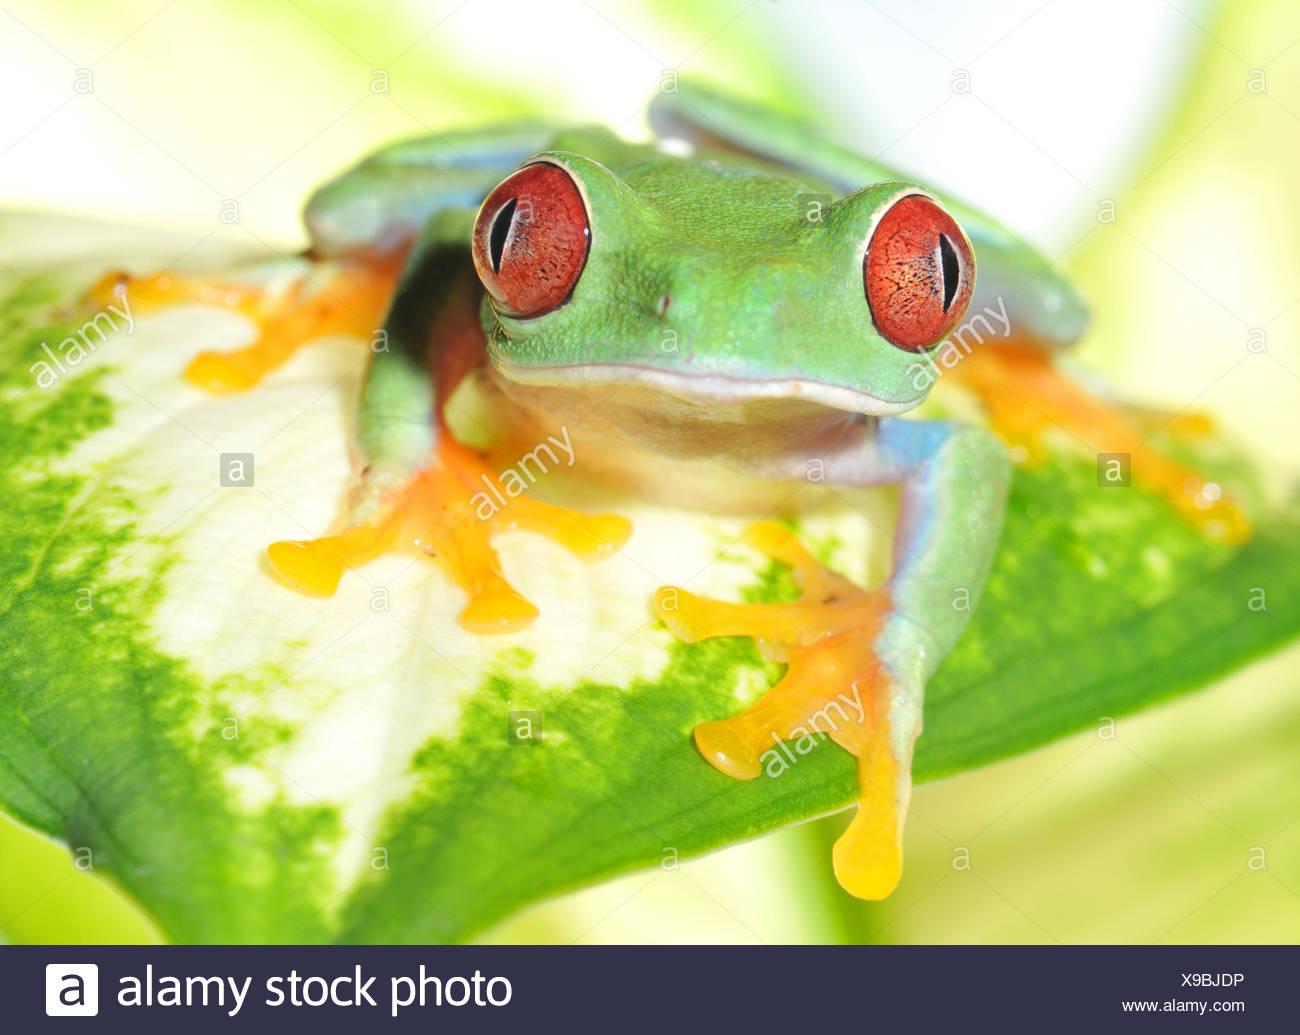 Wunderbar Frosch Zum Einfärben Fotos - Framing Malvorlagen ...